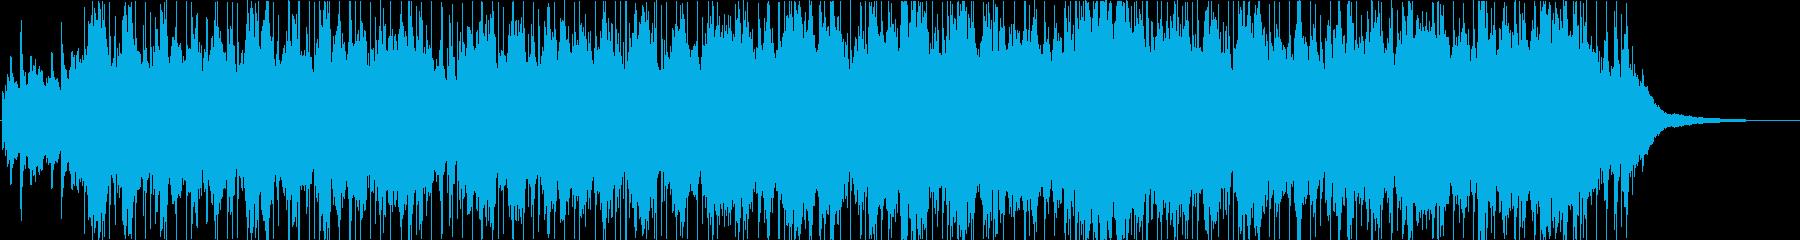 【生演奏】ほのぼのゆったりのバイオリン曲の再生済みの波形